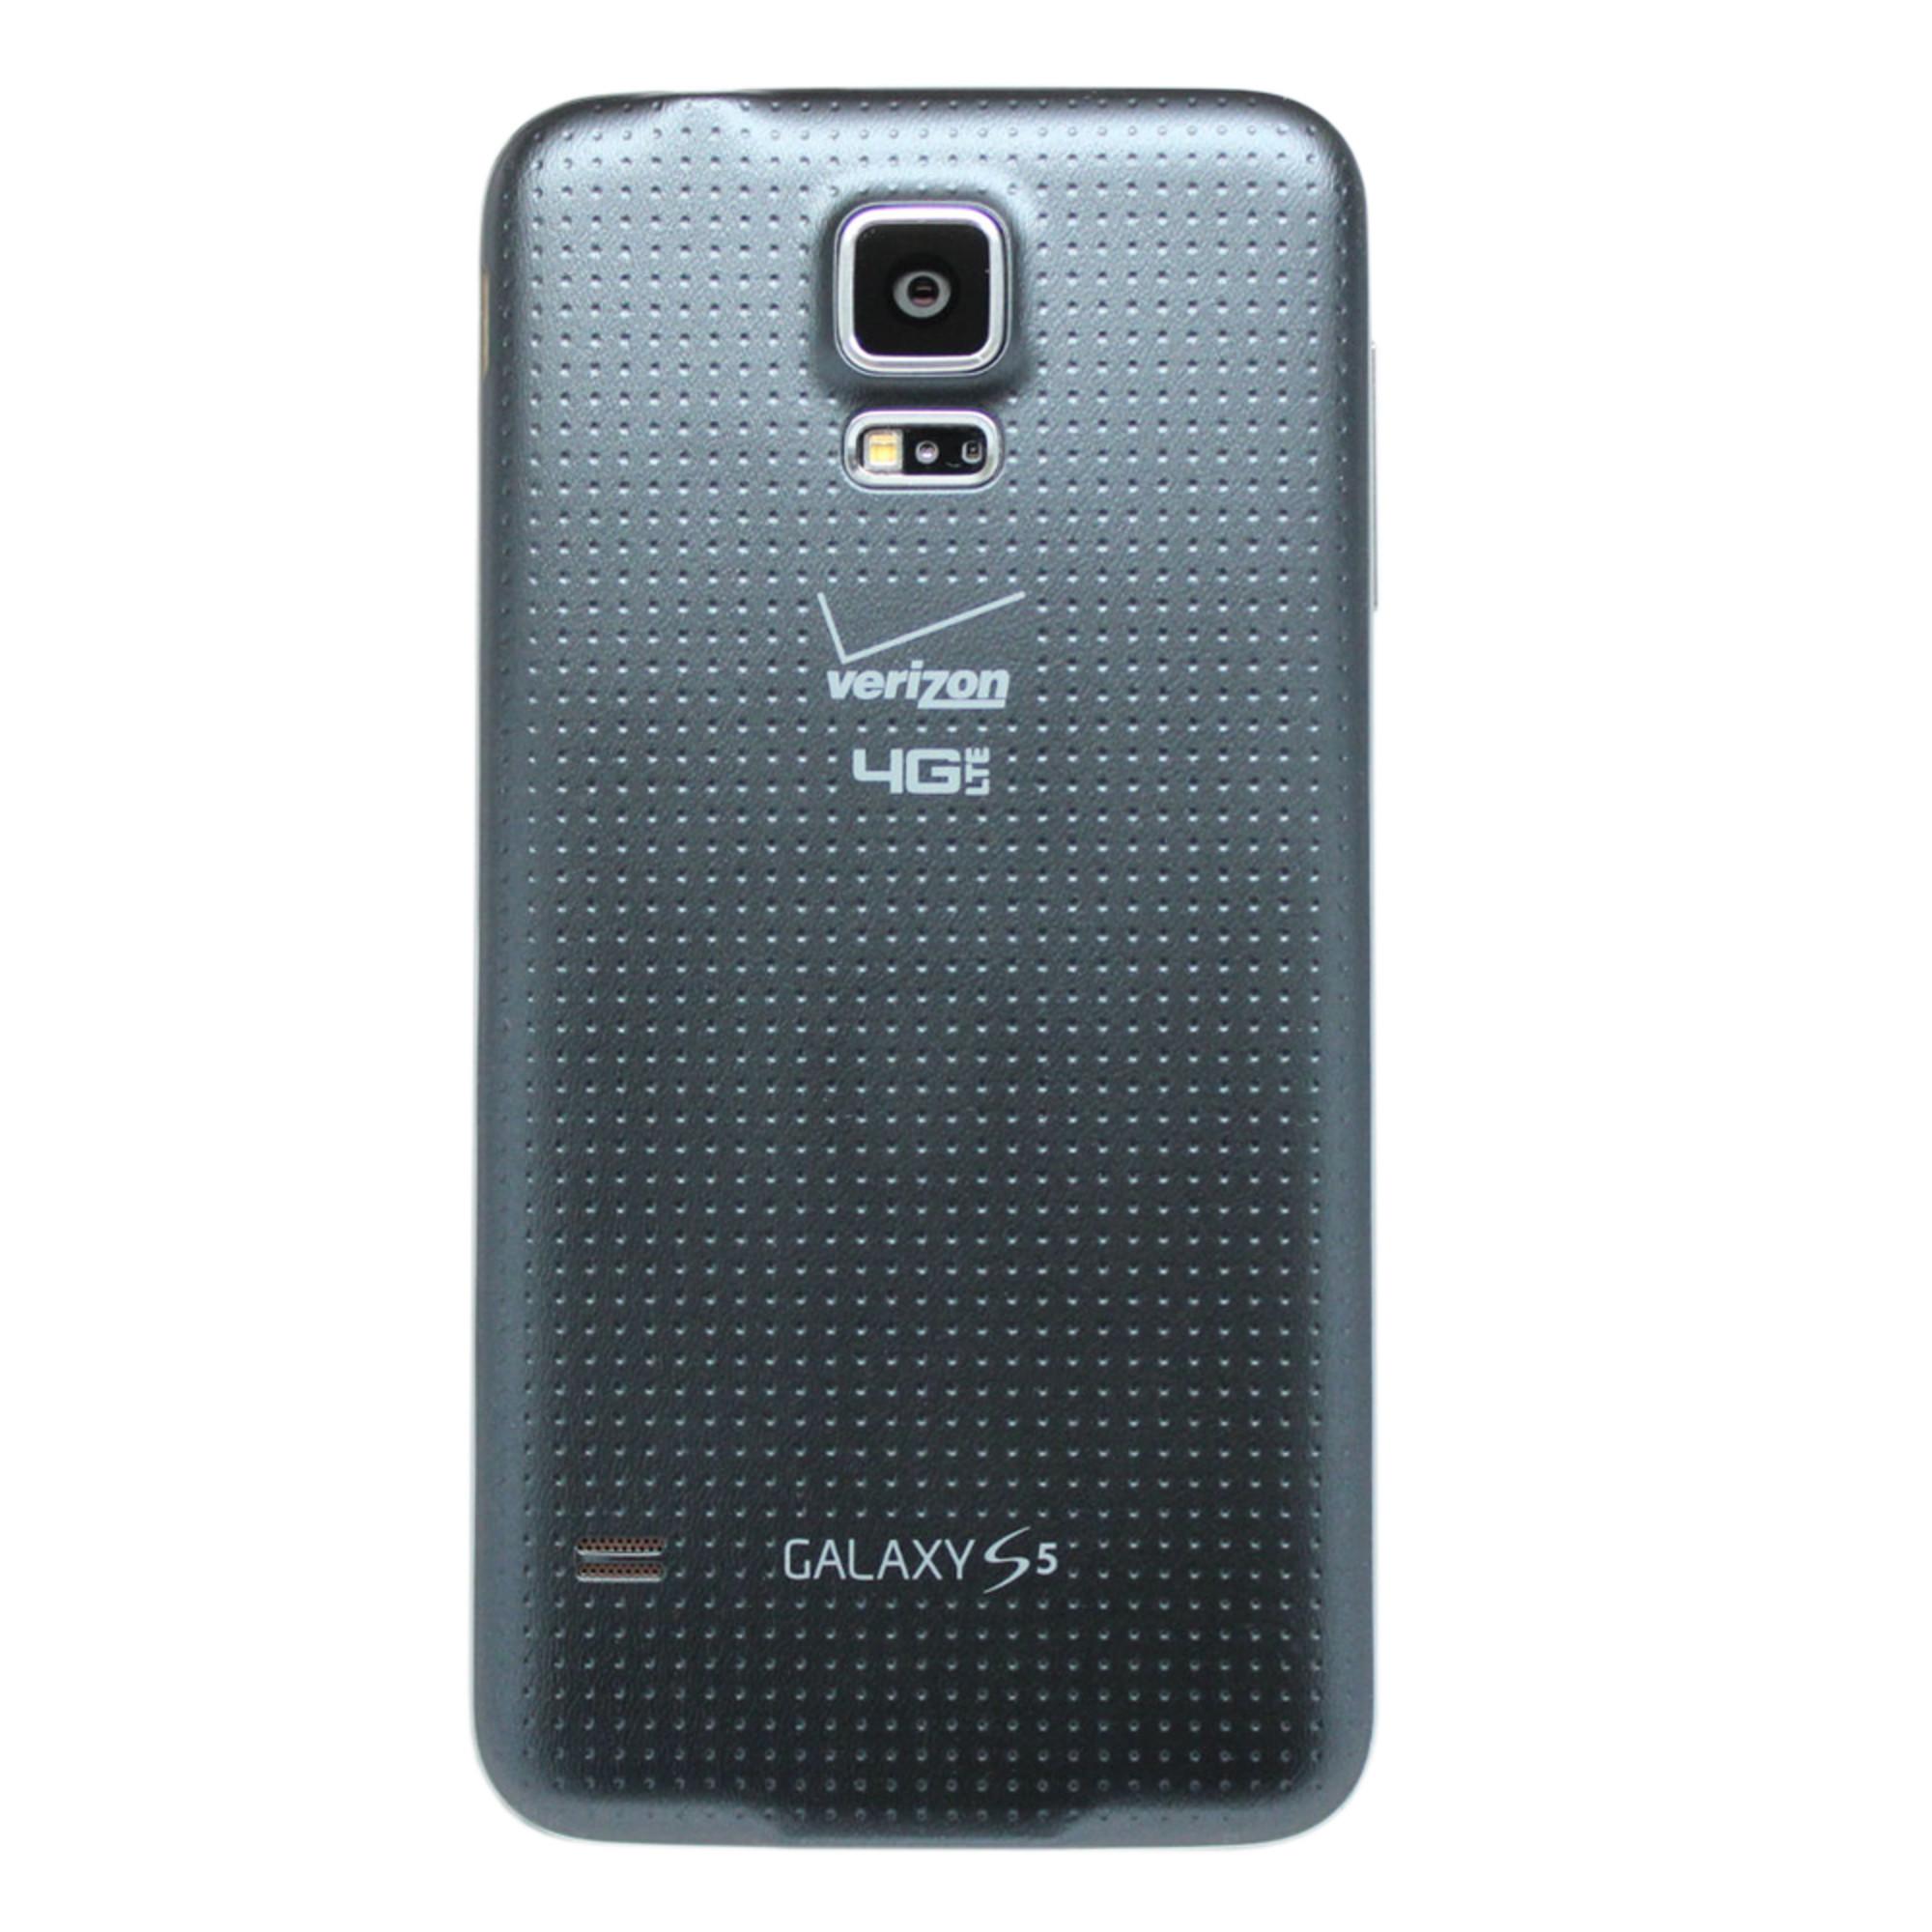 Samsung Galaxy S5 16GB Verizon CDMA 4G LTE 16MP Phone